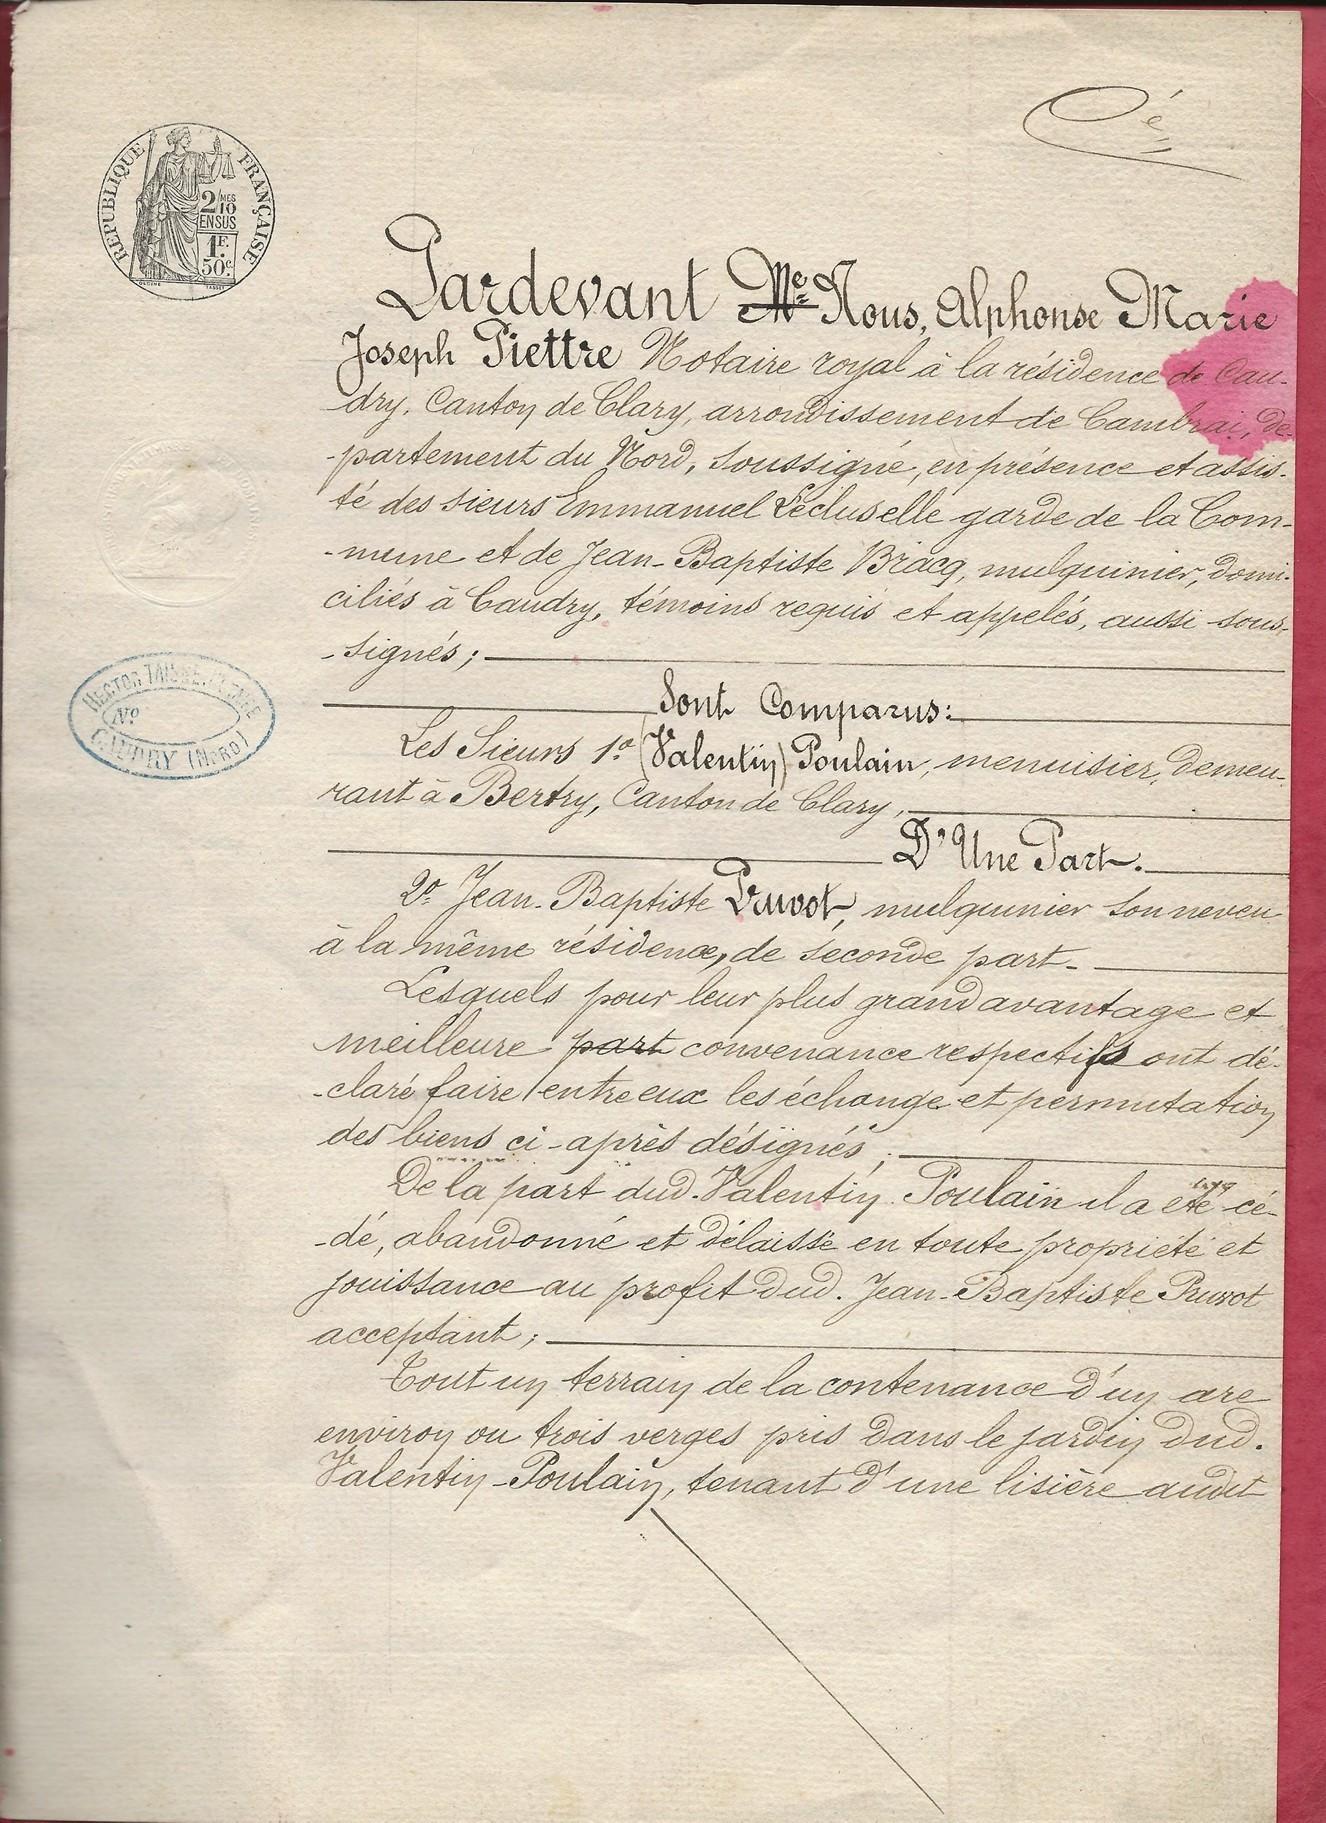 1826 echange valentin poulain x jb pruvot 001